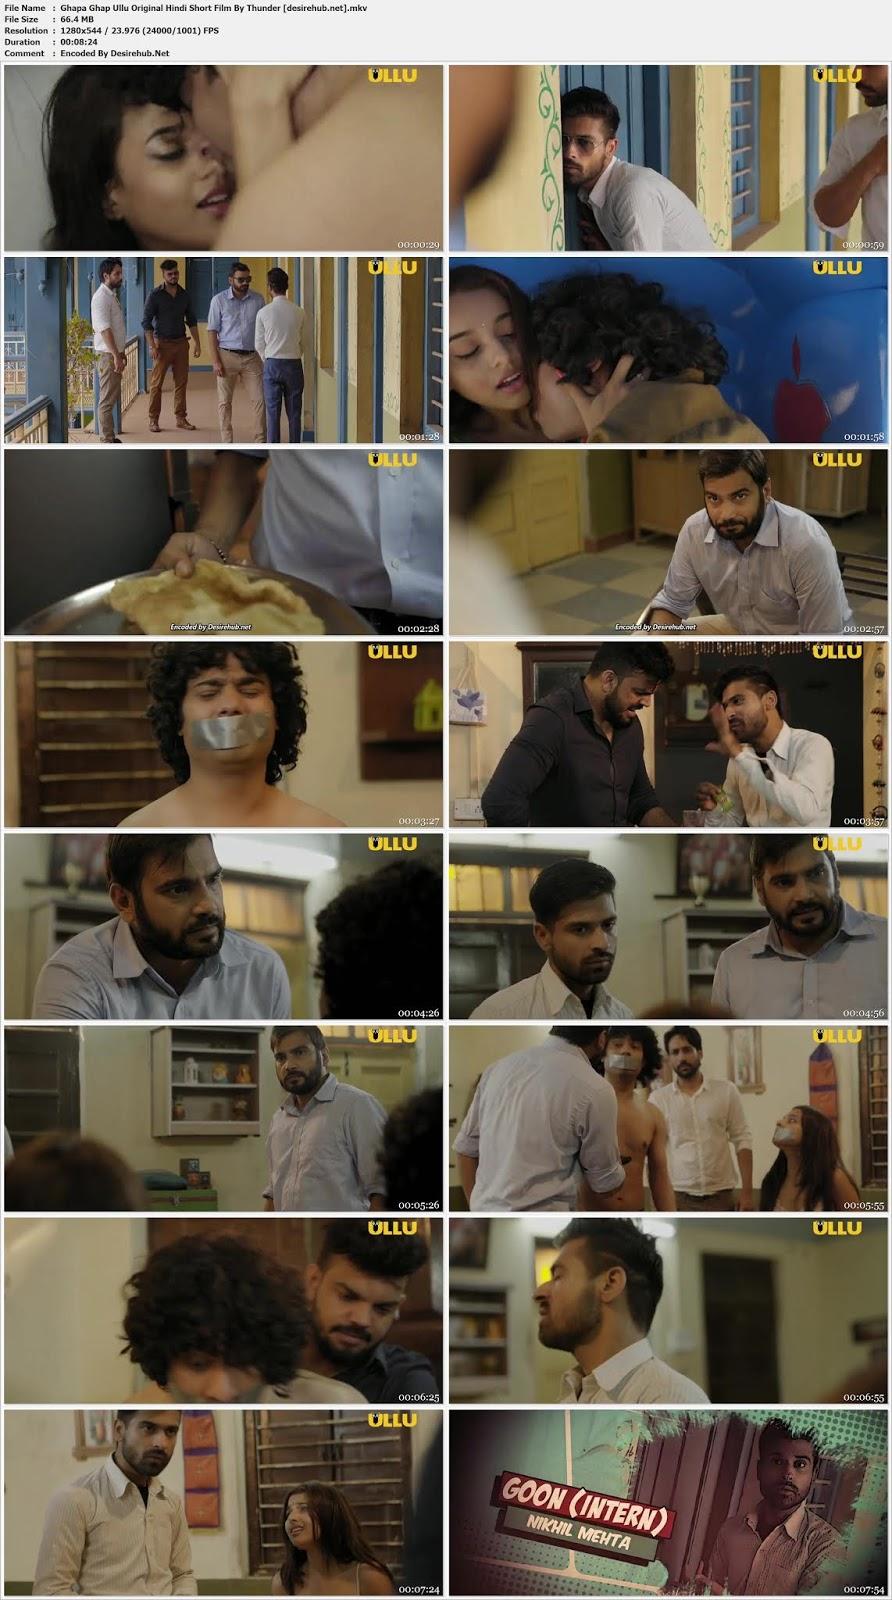 18+] Ghapaghap Ullu Originals Hindi Short Film 720p - 70MB | DesireHub